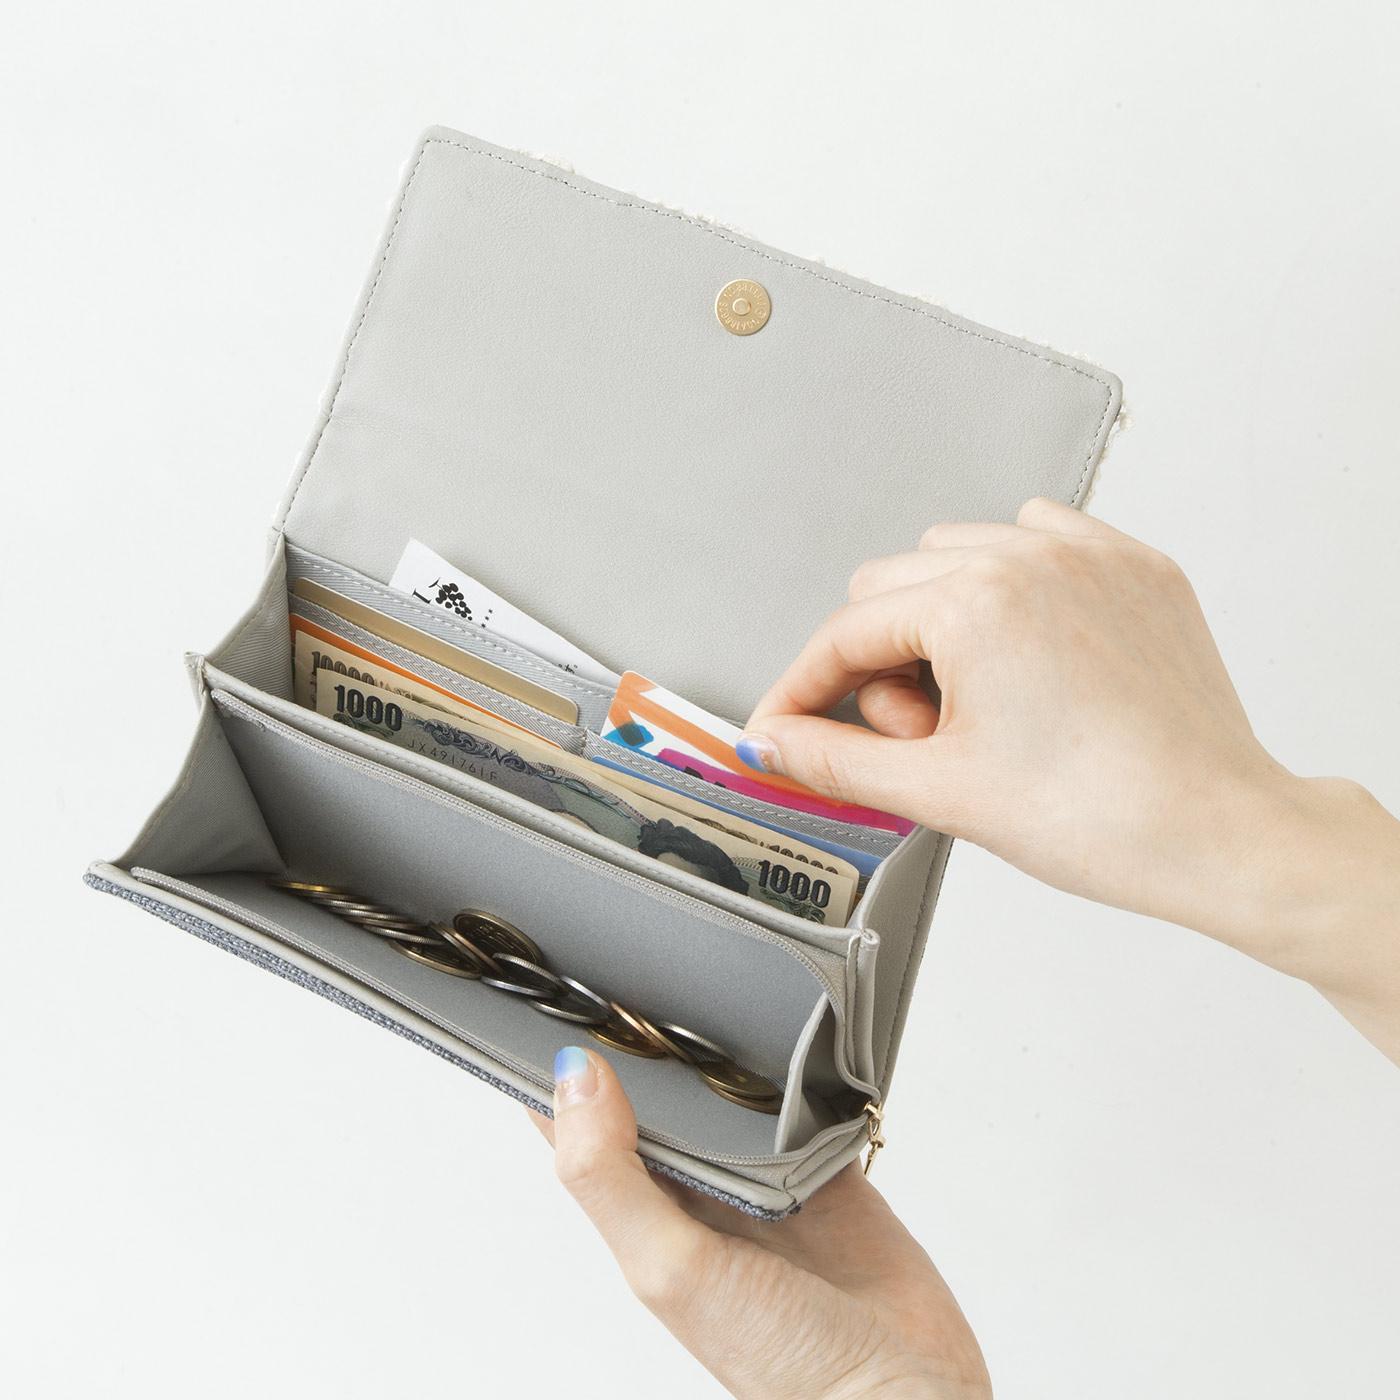 大きく開くコインケースやたっぷり入るカードポケット。